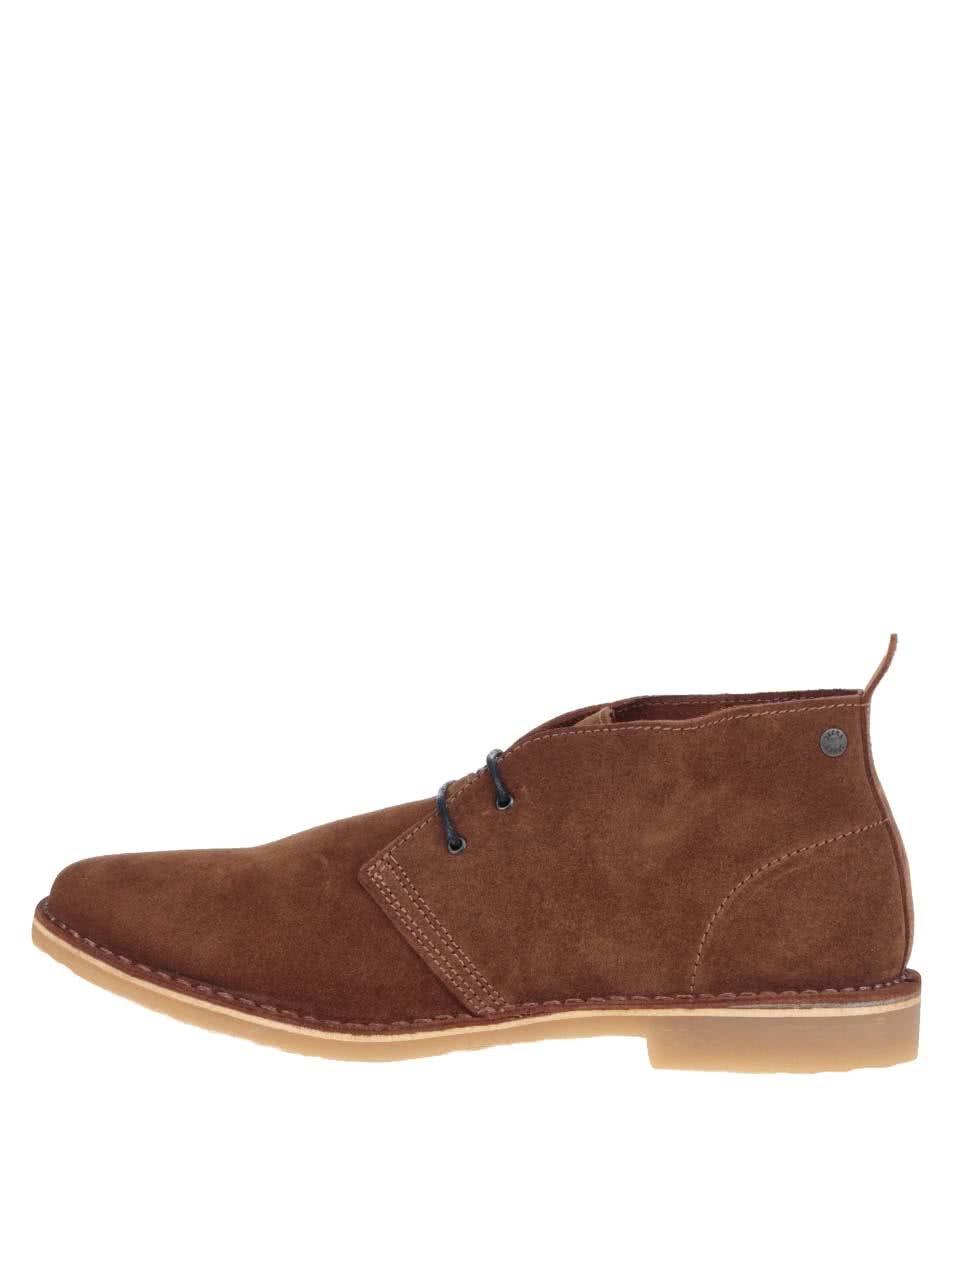 Hnedé pánske semišové členkové topánky Jack & Jones Gobi